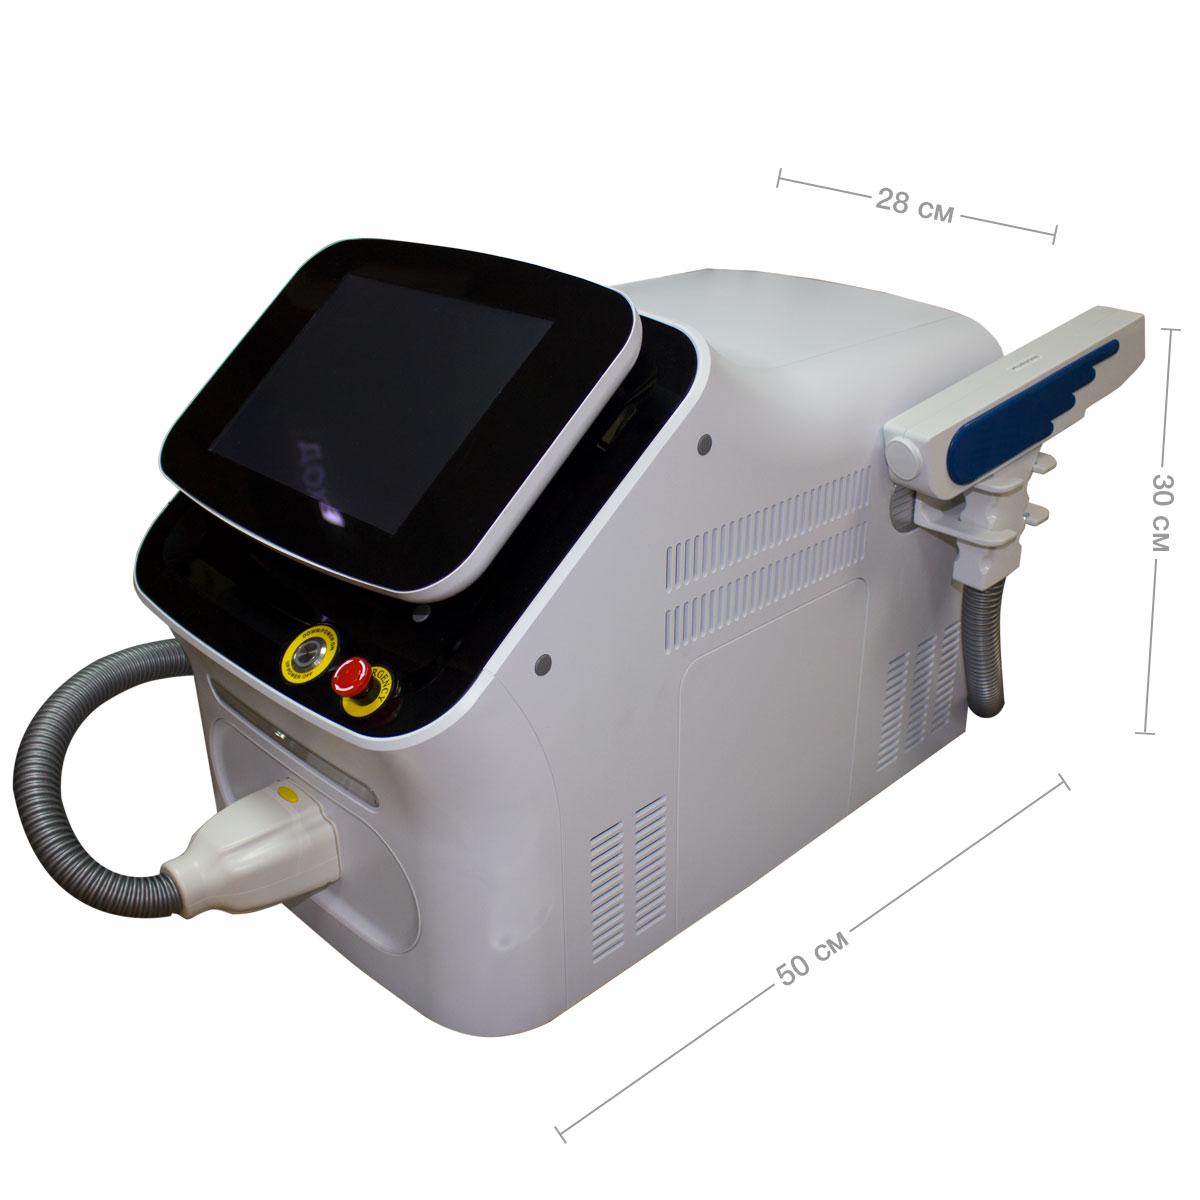 Купить неодимовый лазер по низкой цене